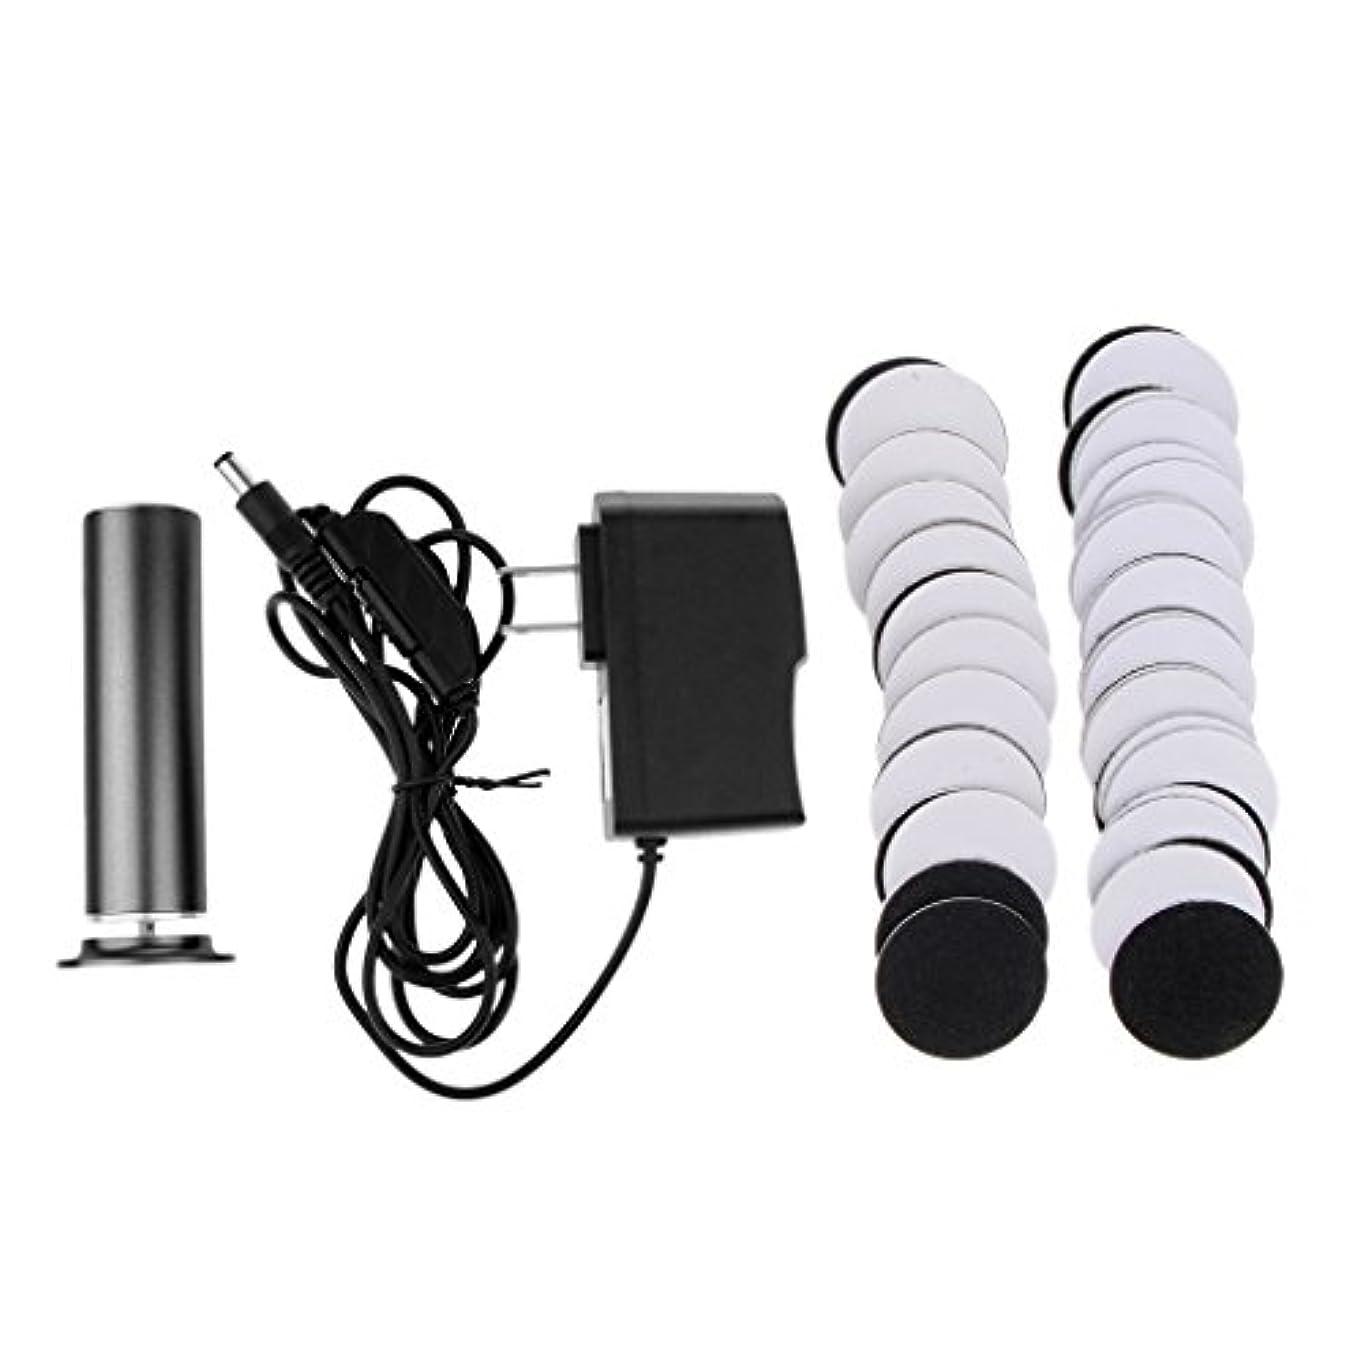 操縦する時組み合わせKesoto カルスリムーバー 電気リムーバー ペディキュア 交換用 サンドペーパーディスク 2色選べ - ブラック